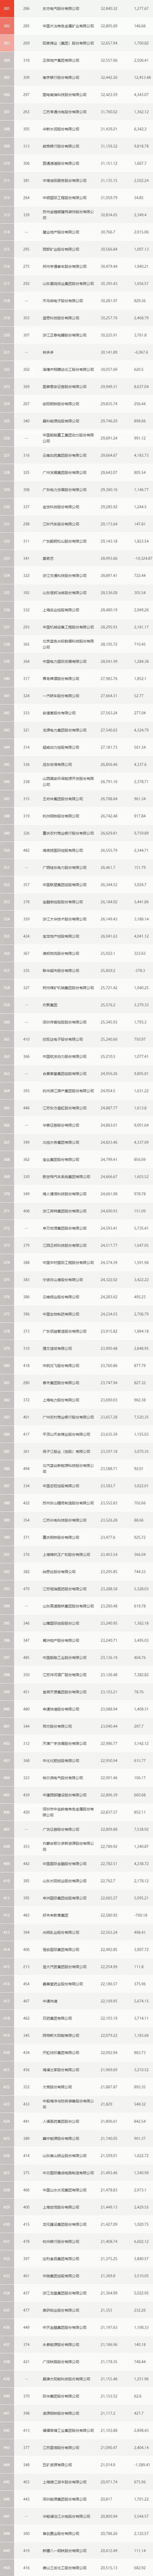 新鲜出炉!31家石化企业登上《财富》中国500强排行榜-今日股票_股票分析_股票吧